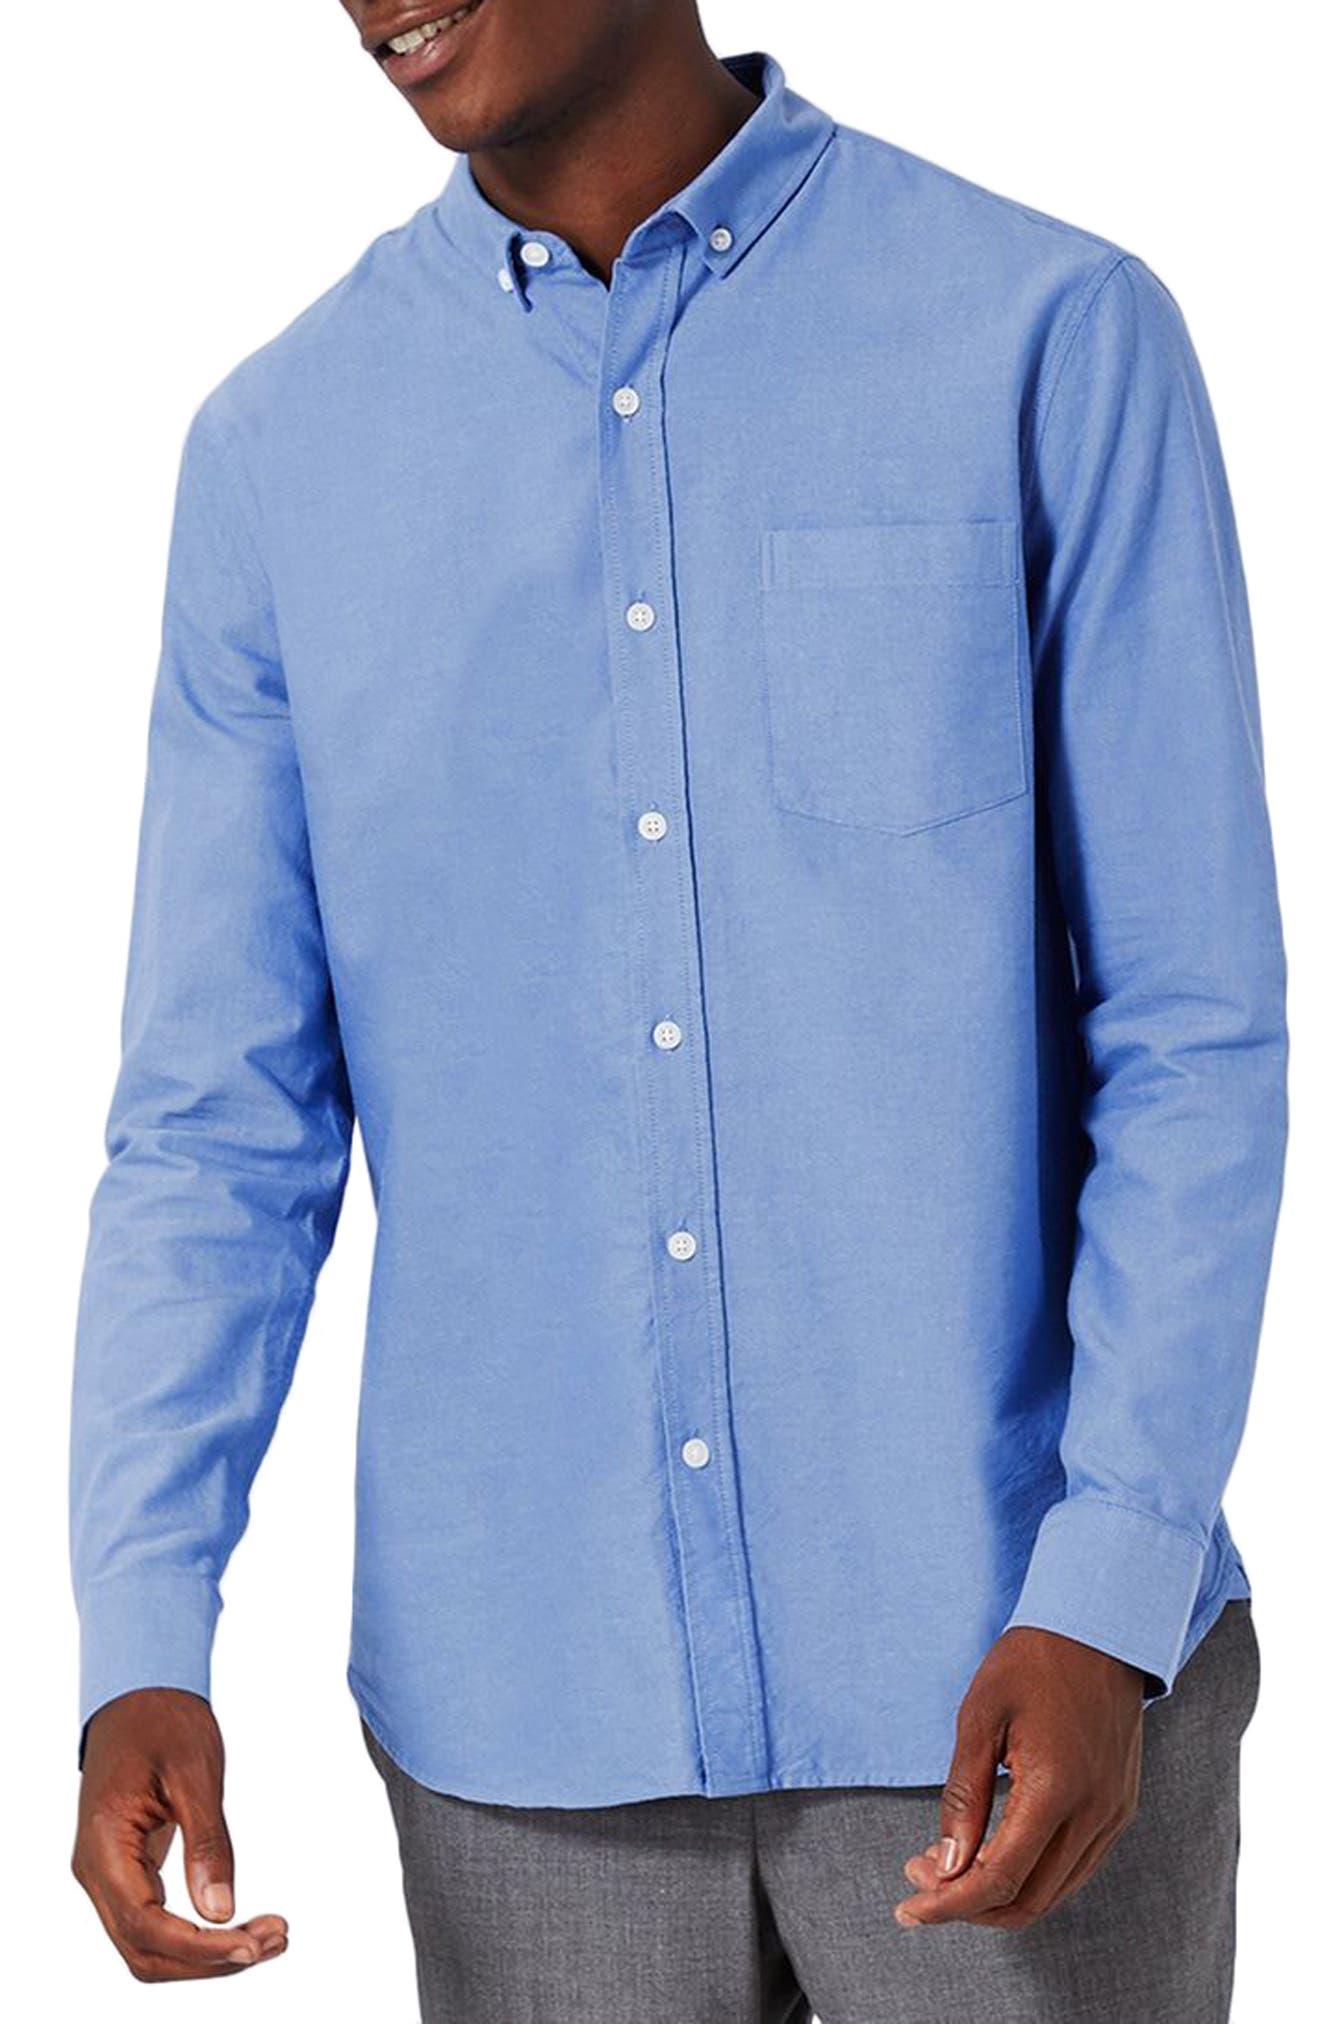 Topman Oxford Shirt